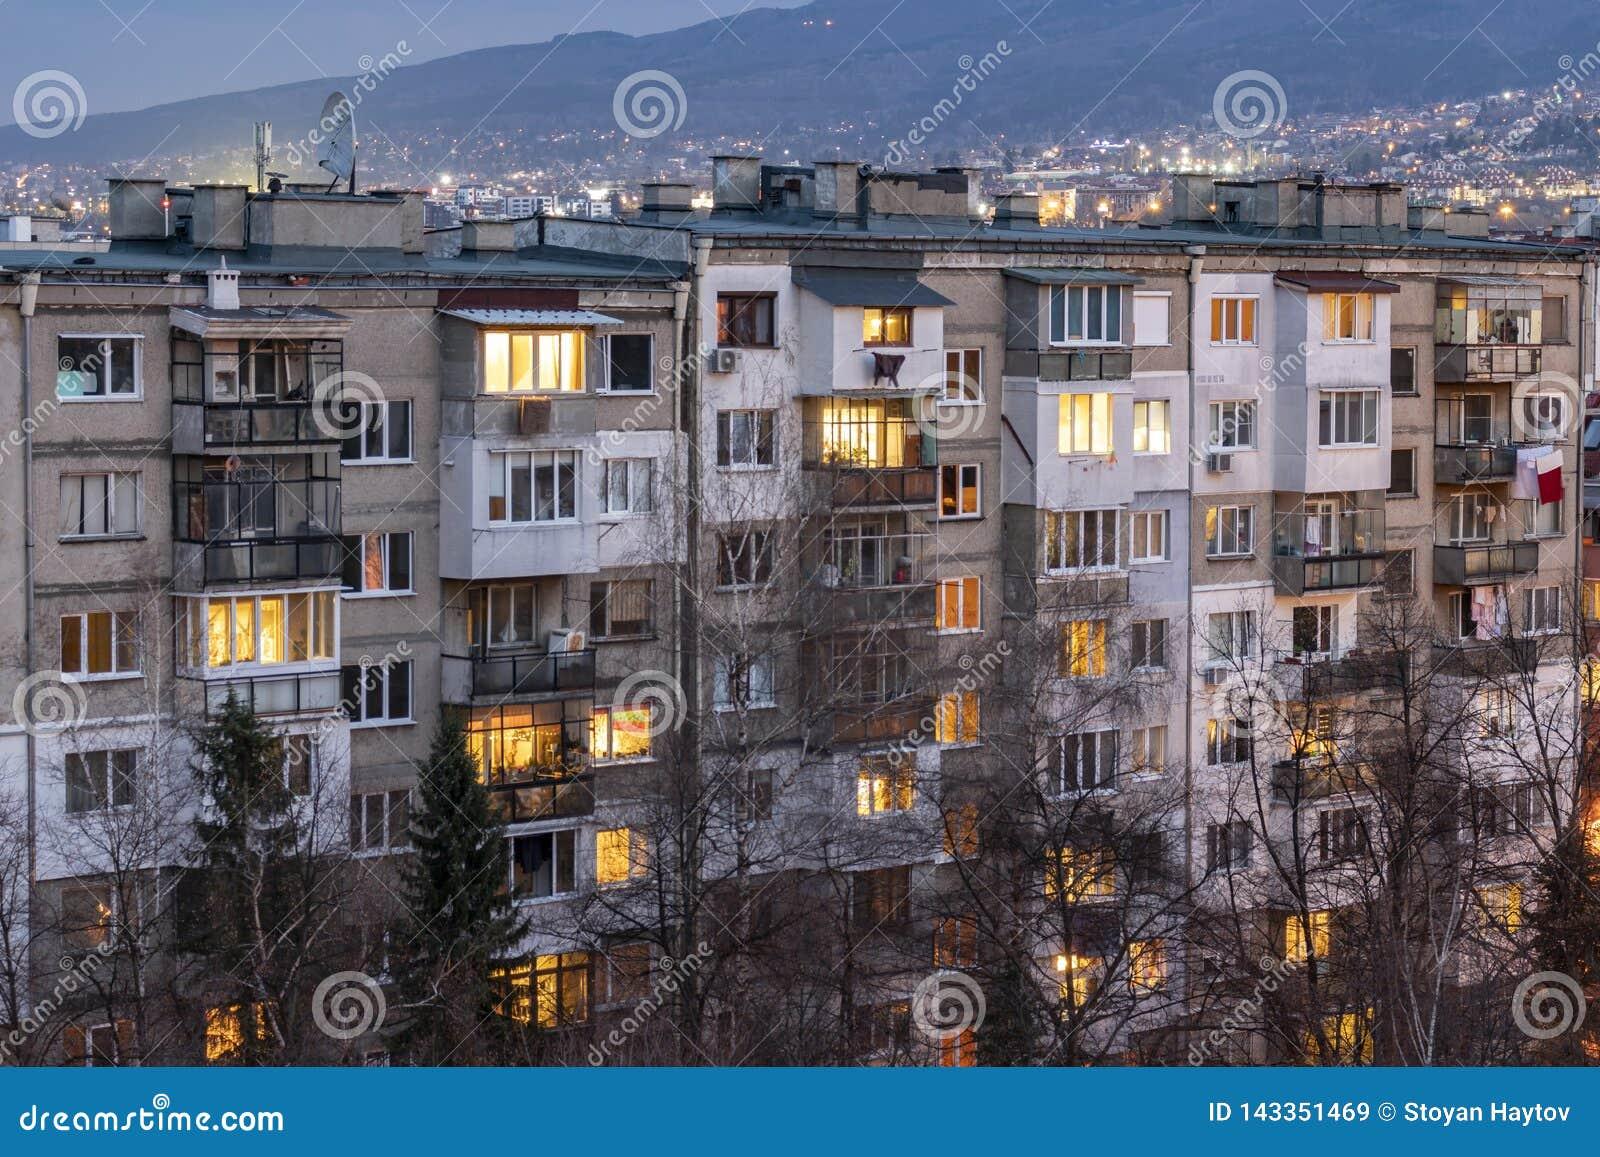 Sonnenuntergangansicht des typischen Wohngebäudes vom kommunistischen Zeitraum in der Stadt von Sofia, Bulgarien